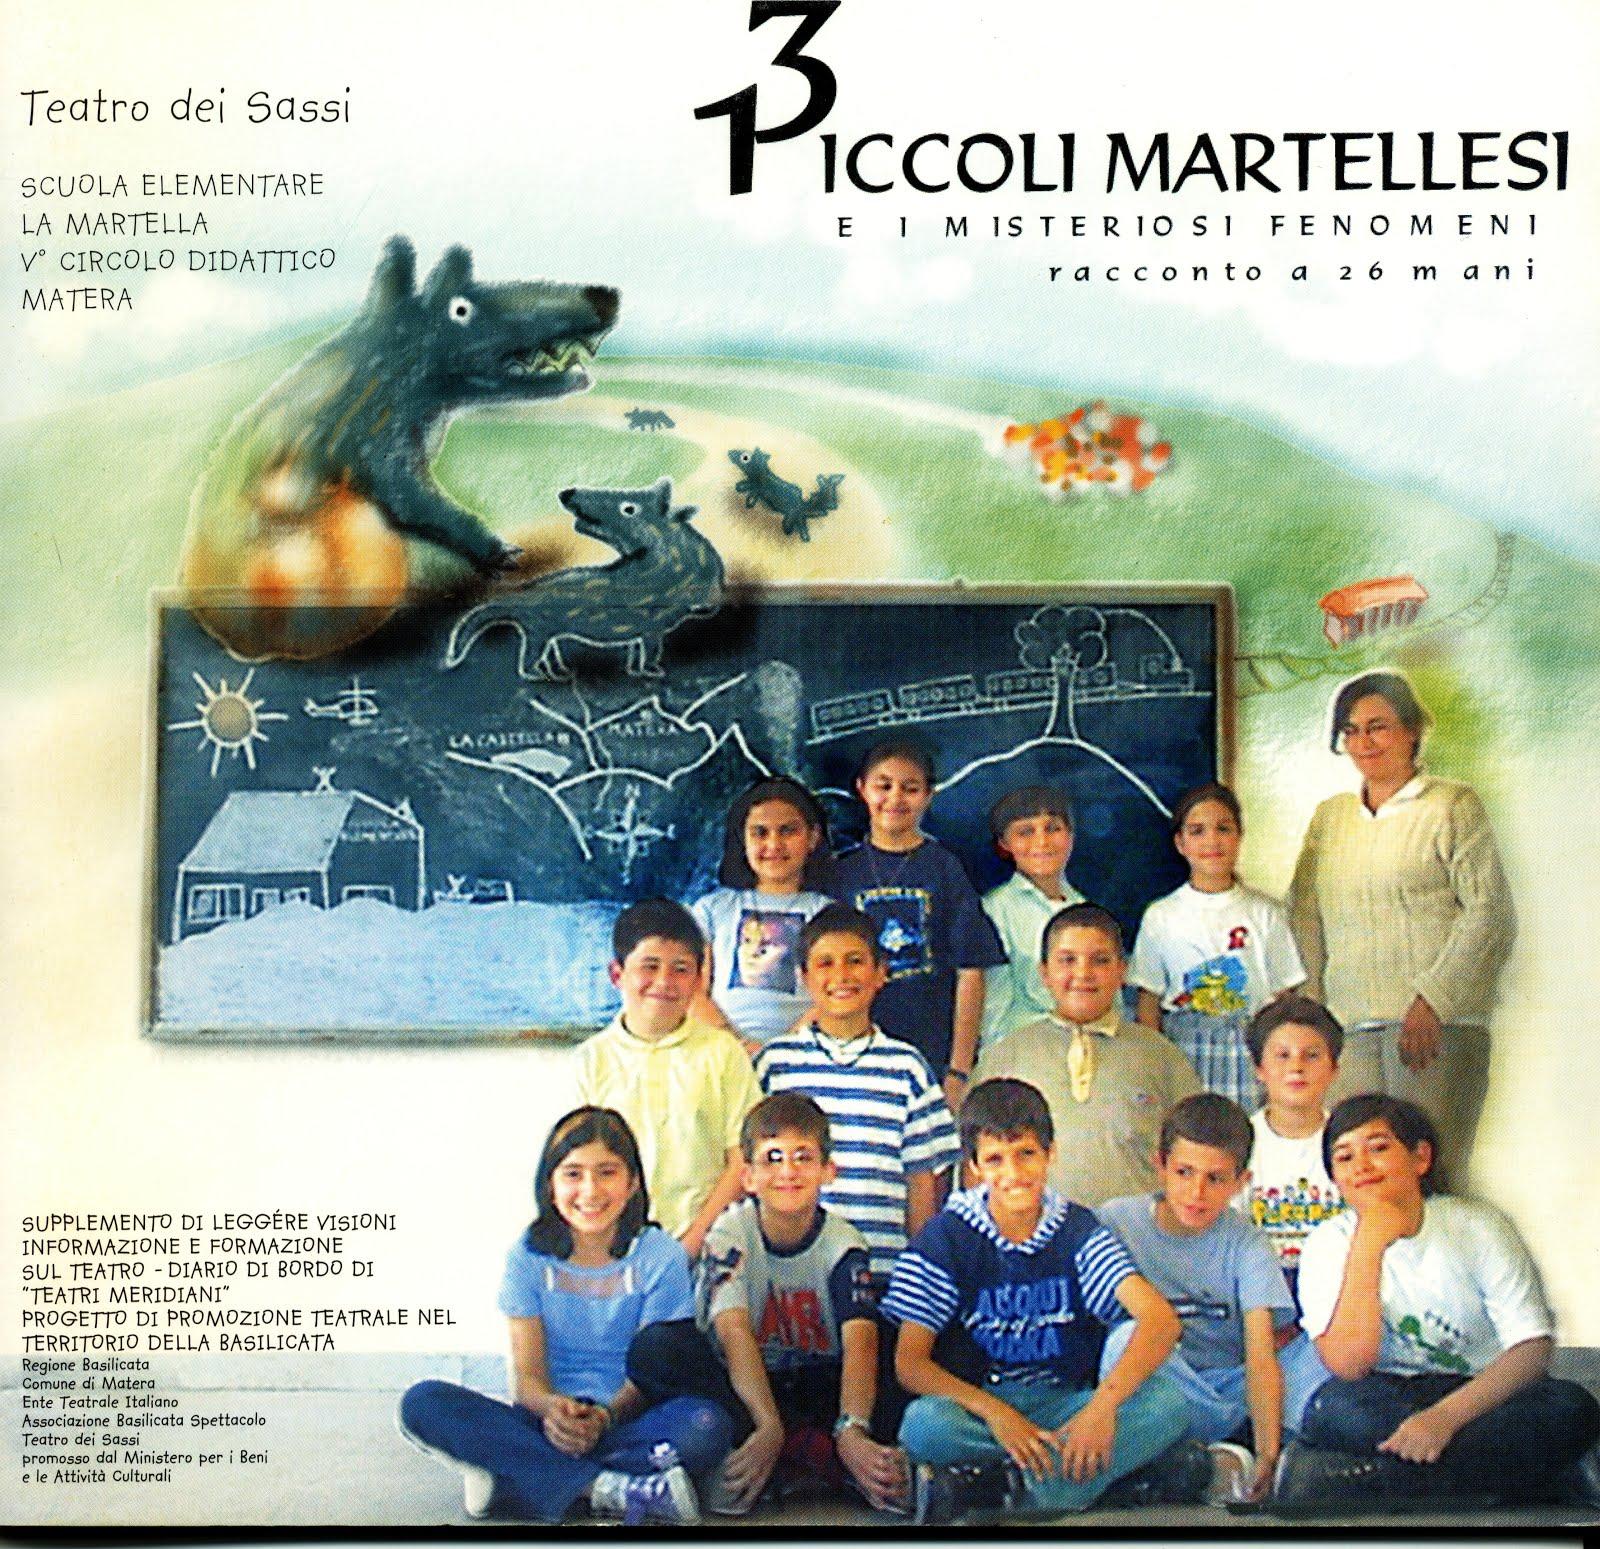 13 piccoli martellesi